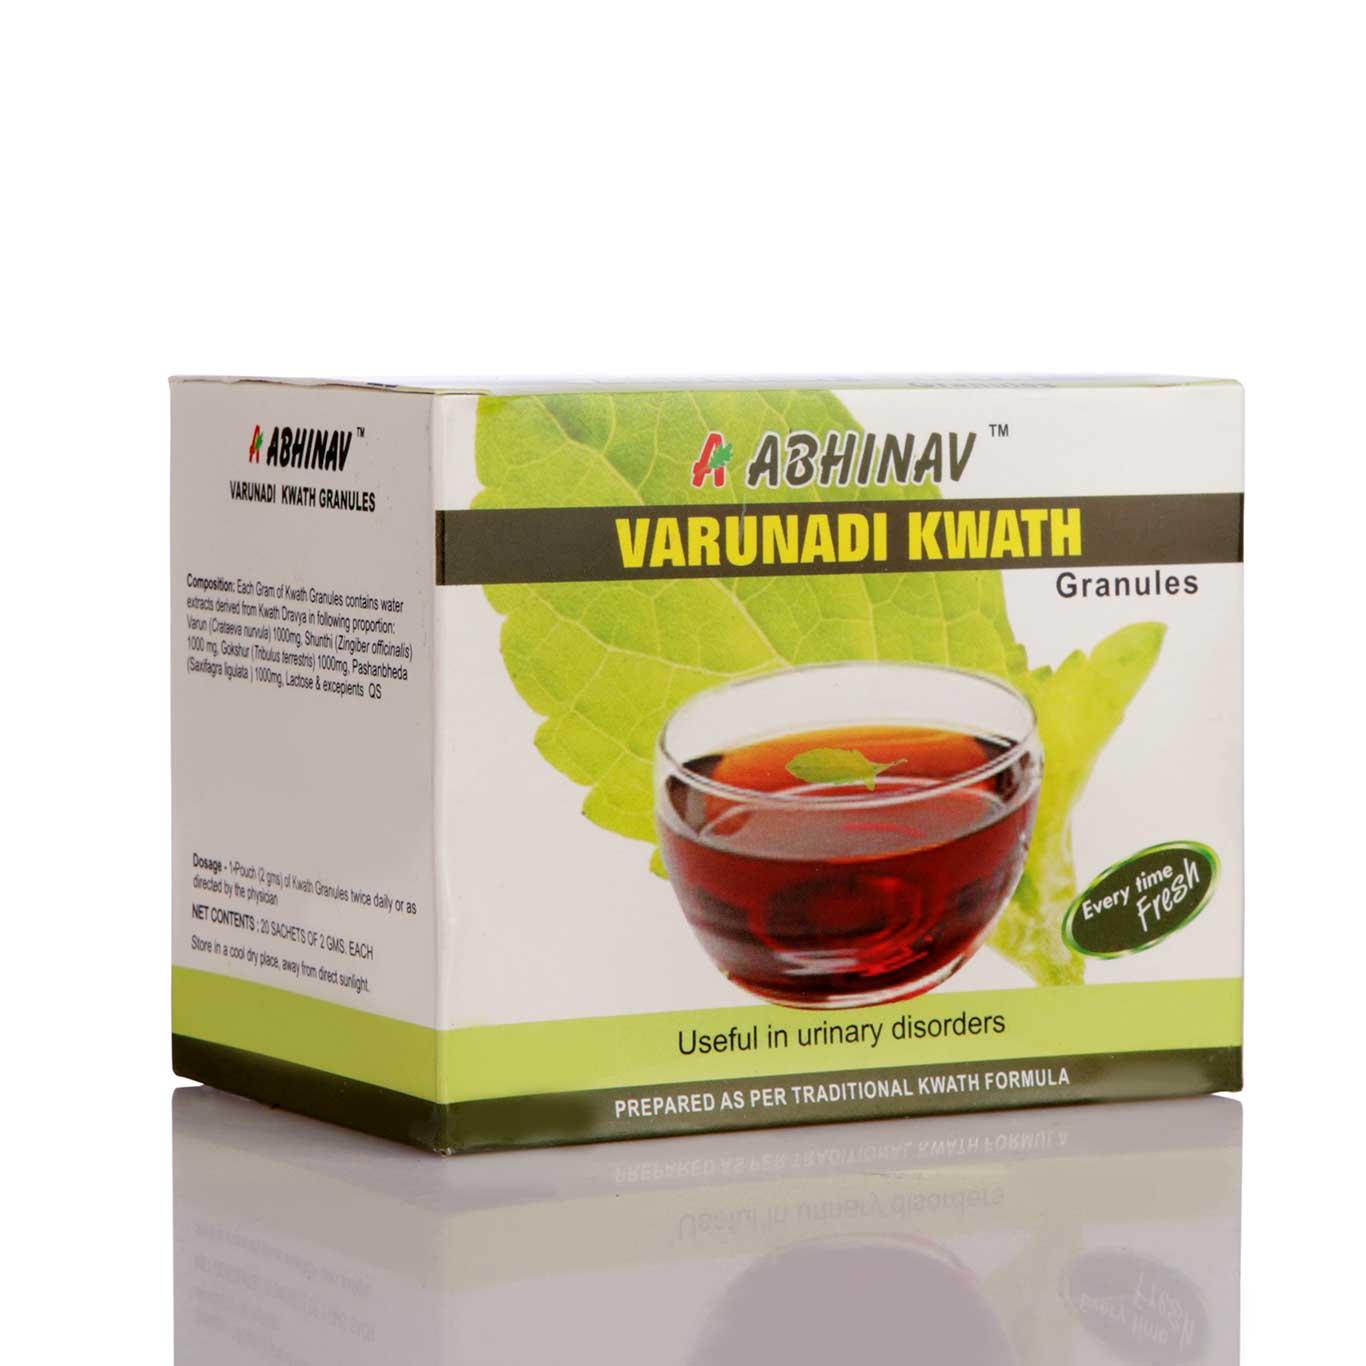 Varunadi Kwath Granules